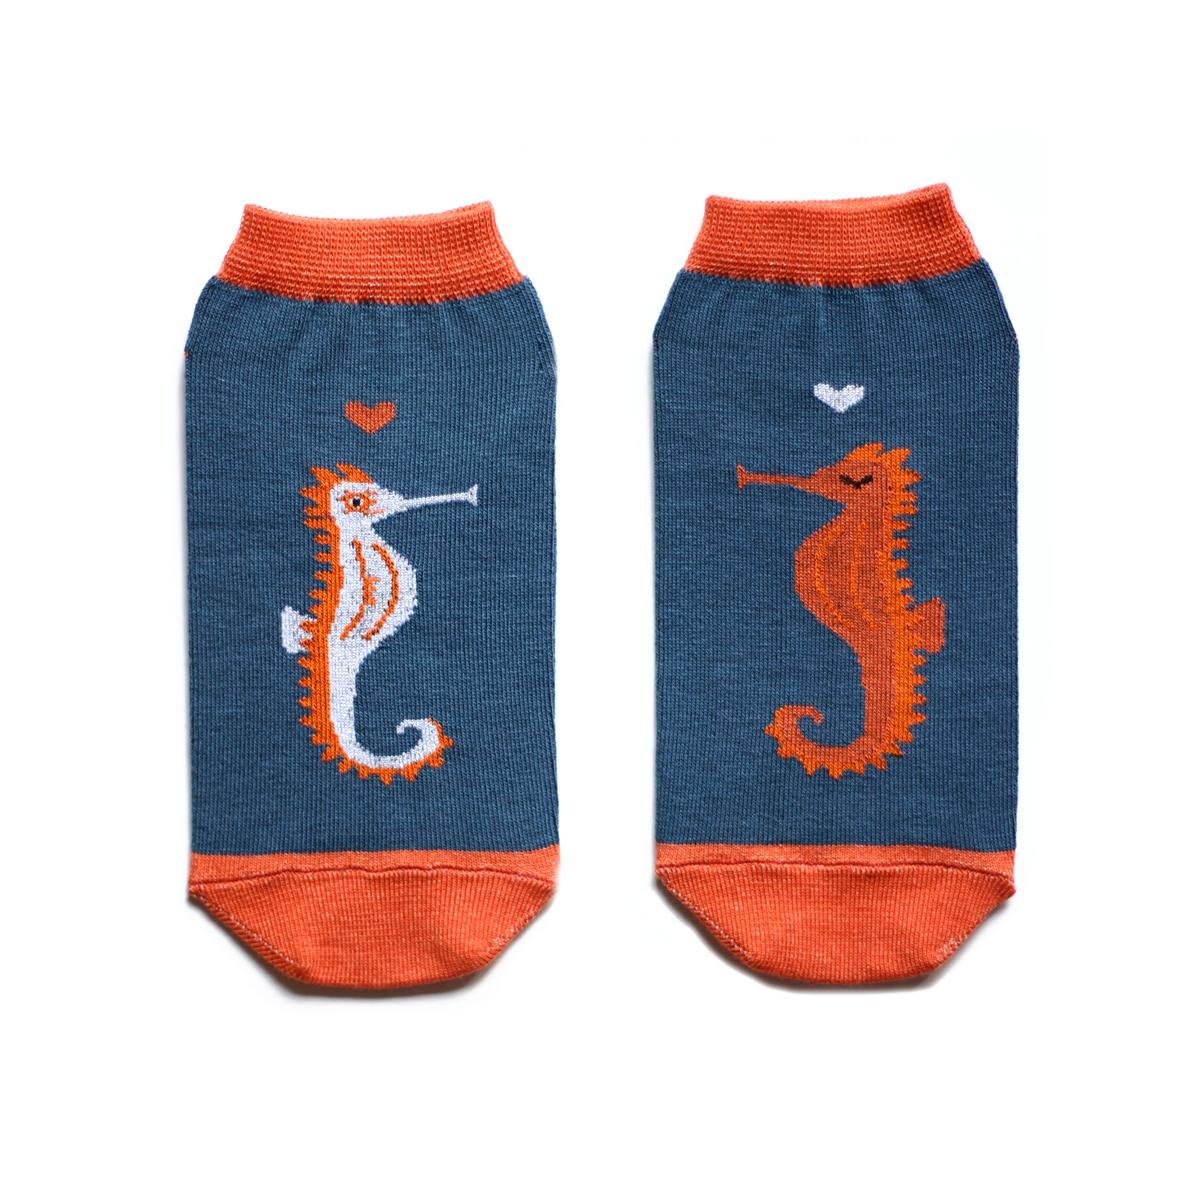 Носки мужские Big Bang Socks, цвет: синий, оранжевый. ca1932. Размер 40/44ca1932Укороченные мужские носки Big Bang Socks изготовлены из высококачественного хлопка с добавлением полиамидных и эластановых волокон, которые обеспечивают великолепную посадку. Носки отличаются ярким стильным дизайном, они оформлены изображением морских коньков. Удобная резинка идеально облегает ногу и не пережимает сосуды, а усиленные пятка и мысок повышают износоустойчивость носка. Дизайнерские носки Big Bang Socks - яркая деталь в вашем образе и оригинальный подарок для друзей и близких.